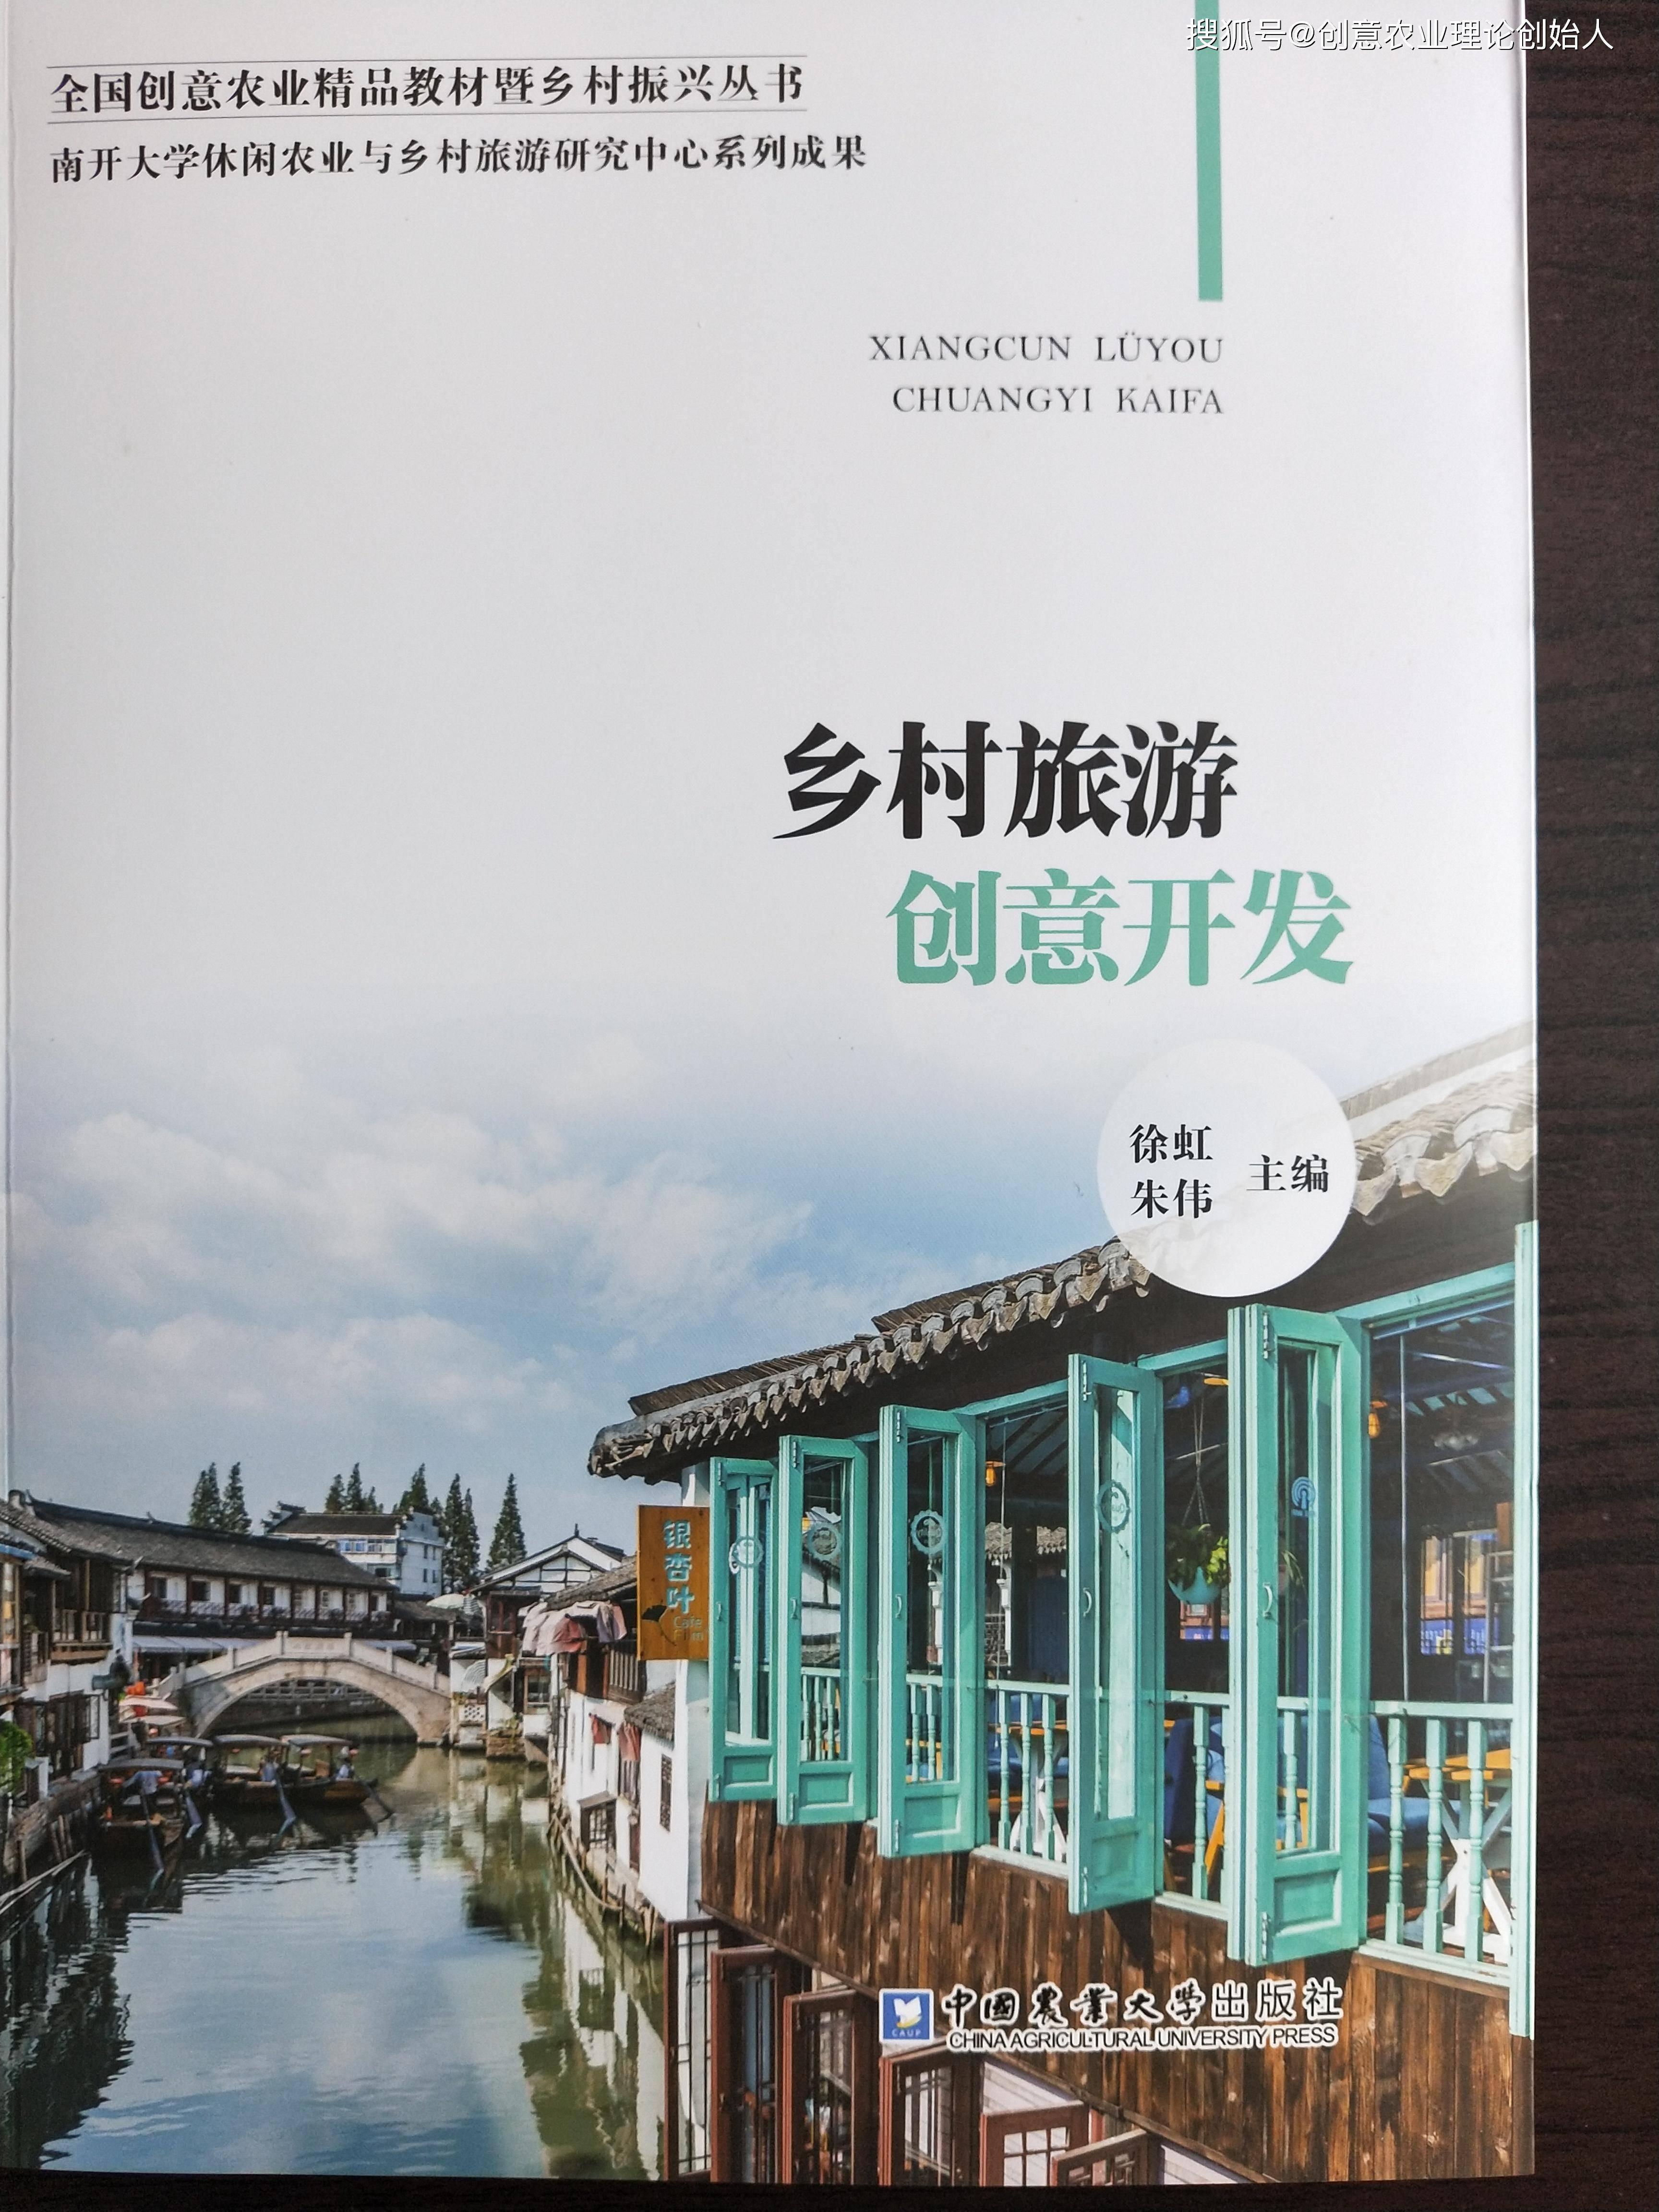 一部探索丰富乡村旅游开发理论与实践的好书——评《乡村旅游创意开发》